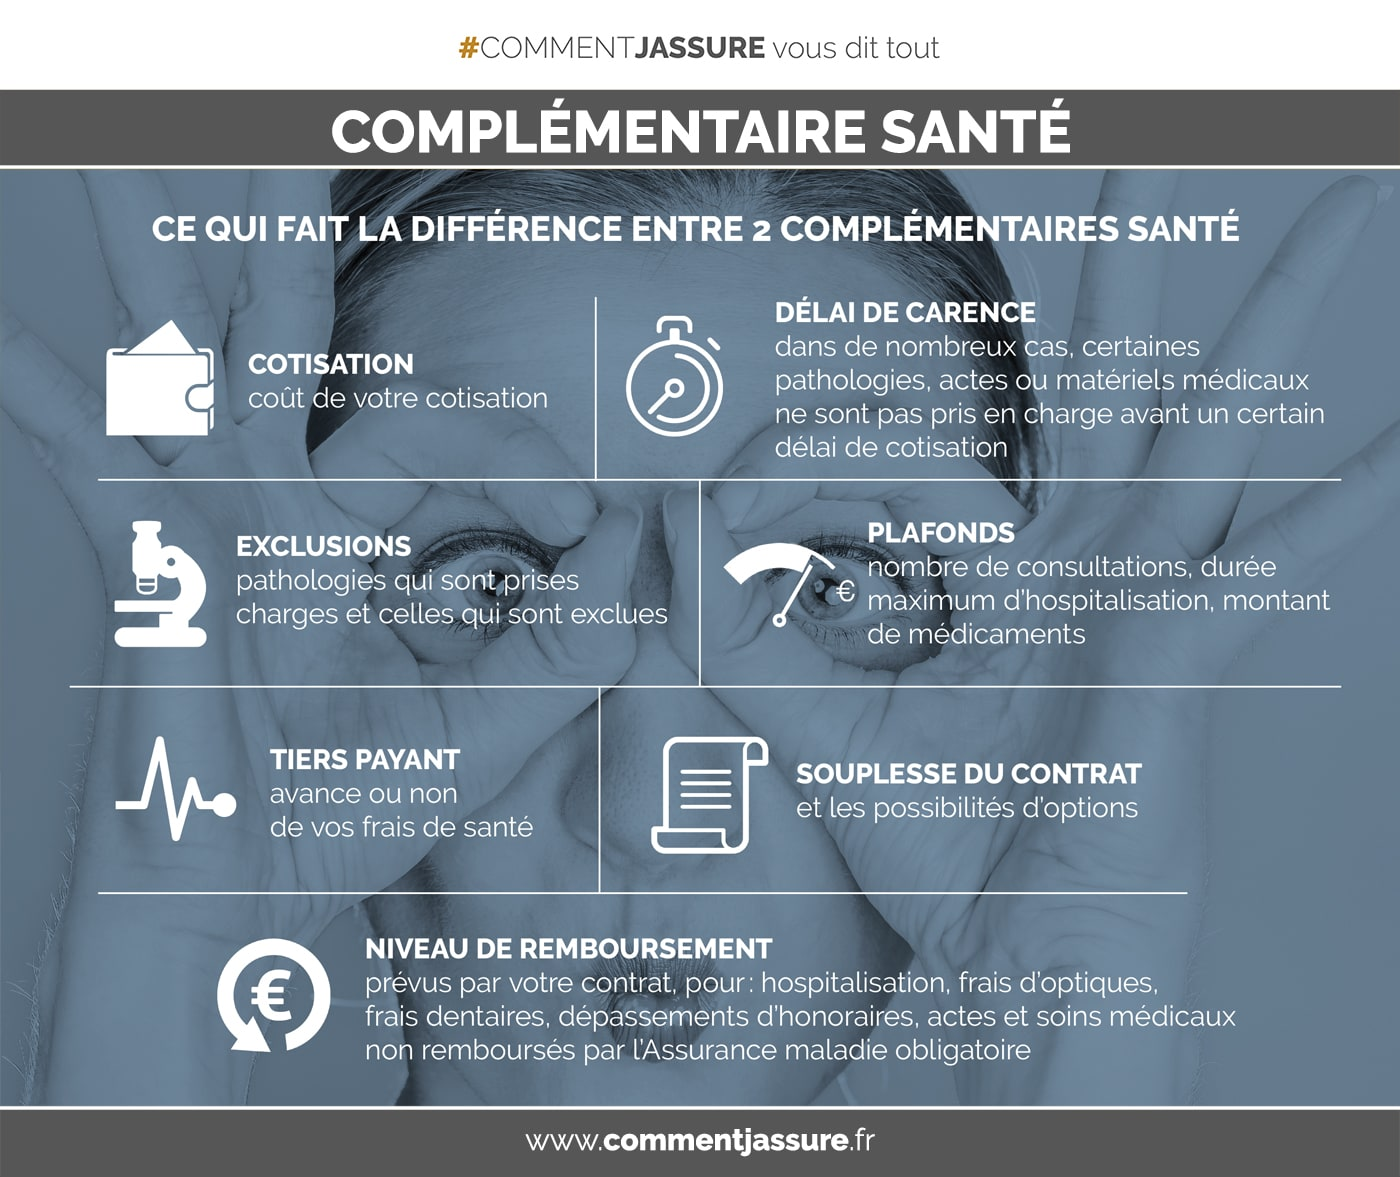 Infographie mutuelle complémentaire santé particulier : comprendre pour mieux choisir